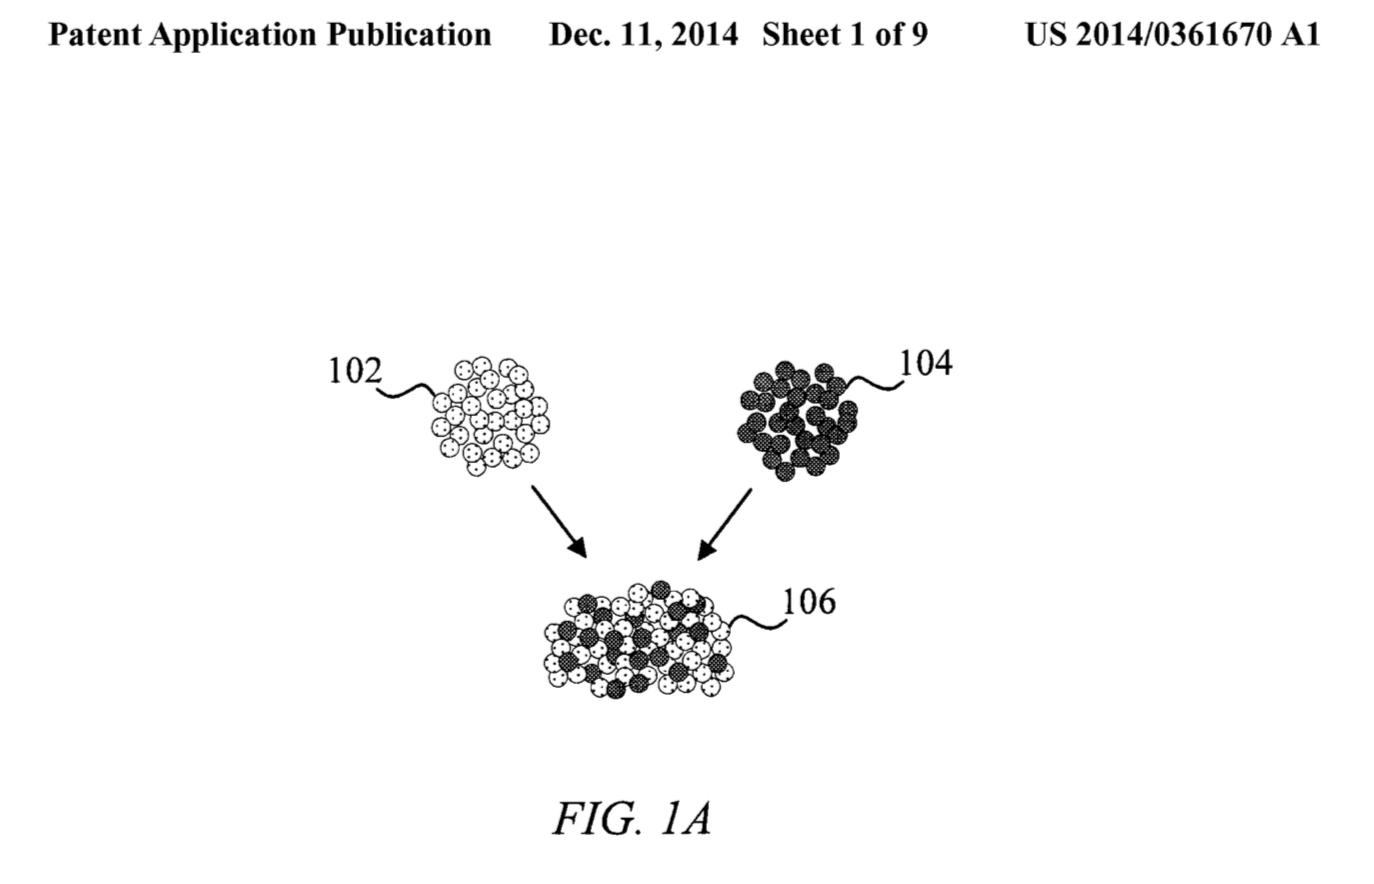 Patente da Apple para material com ouro (1)